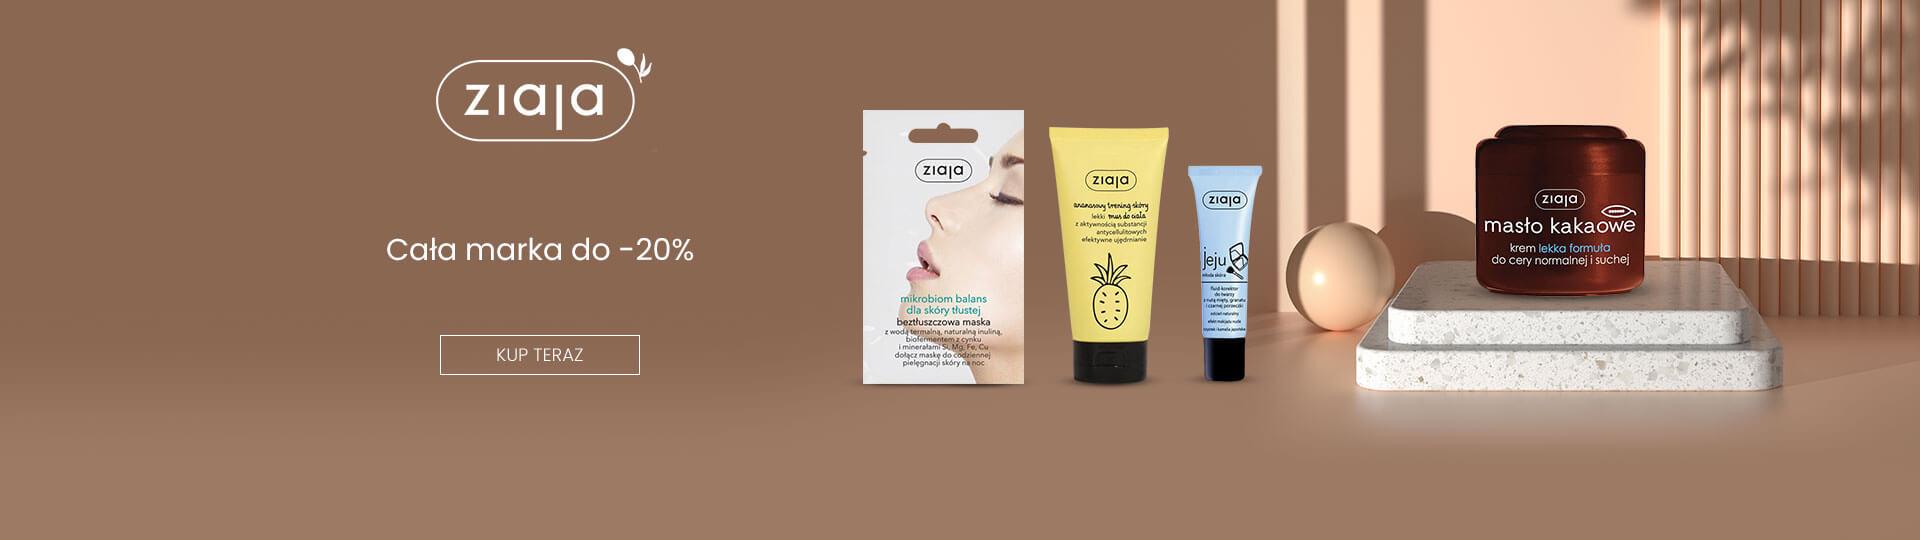 Ezebra: do 20% zniżki na kosmetyki marki Ziaja